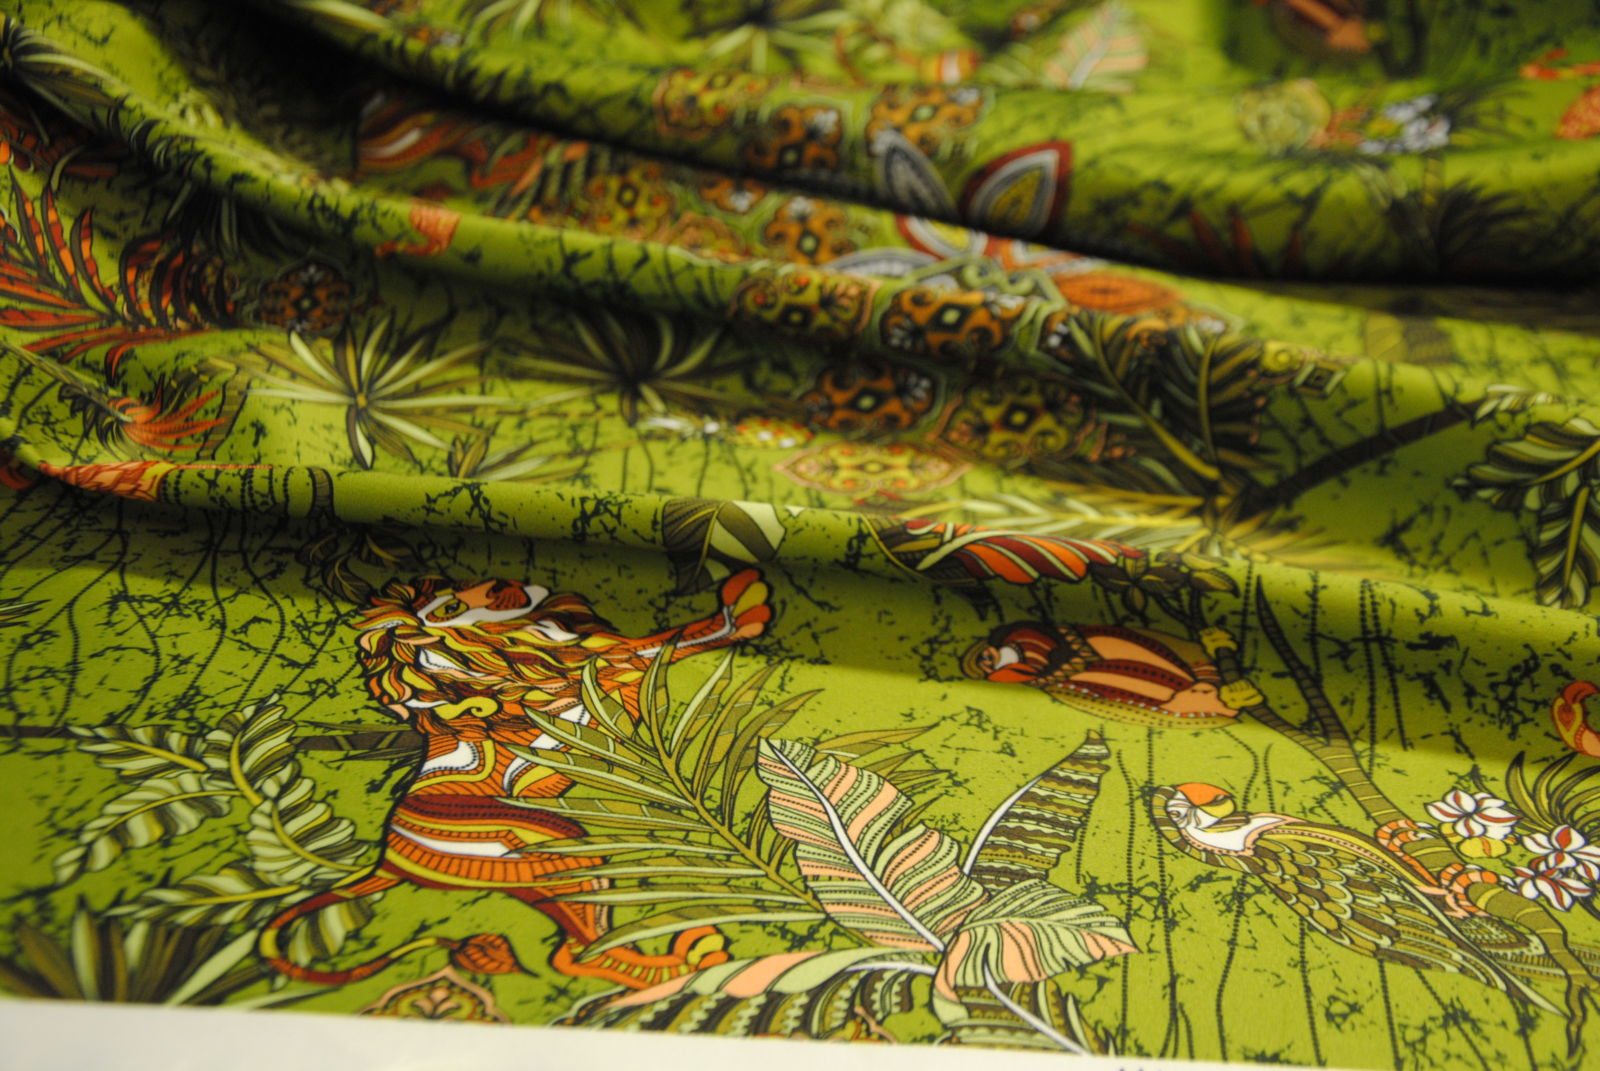 DSC 0985 Duchesse Jungle